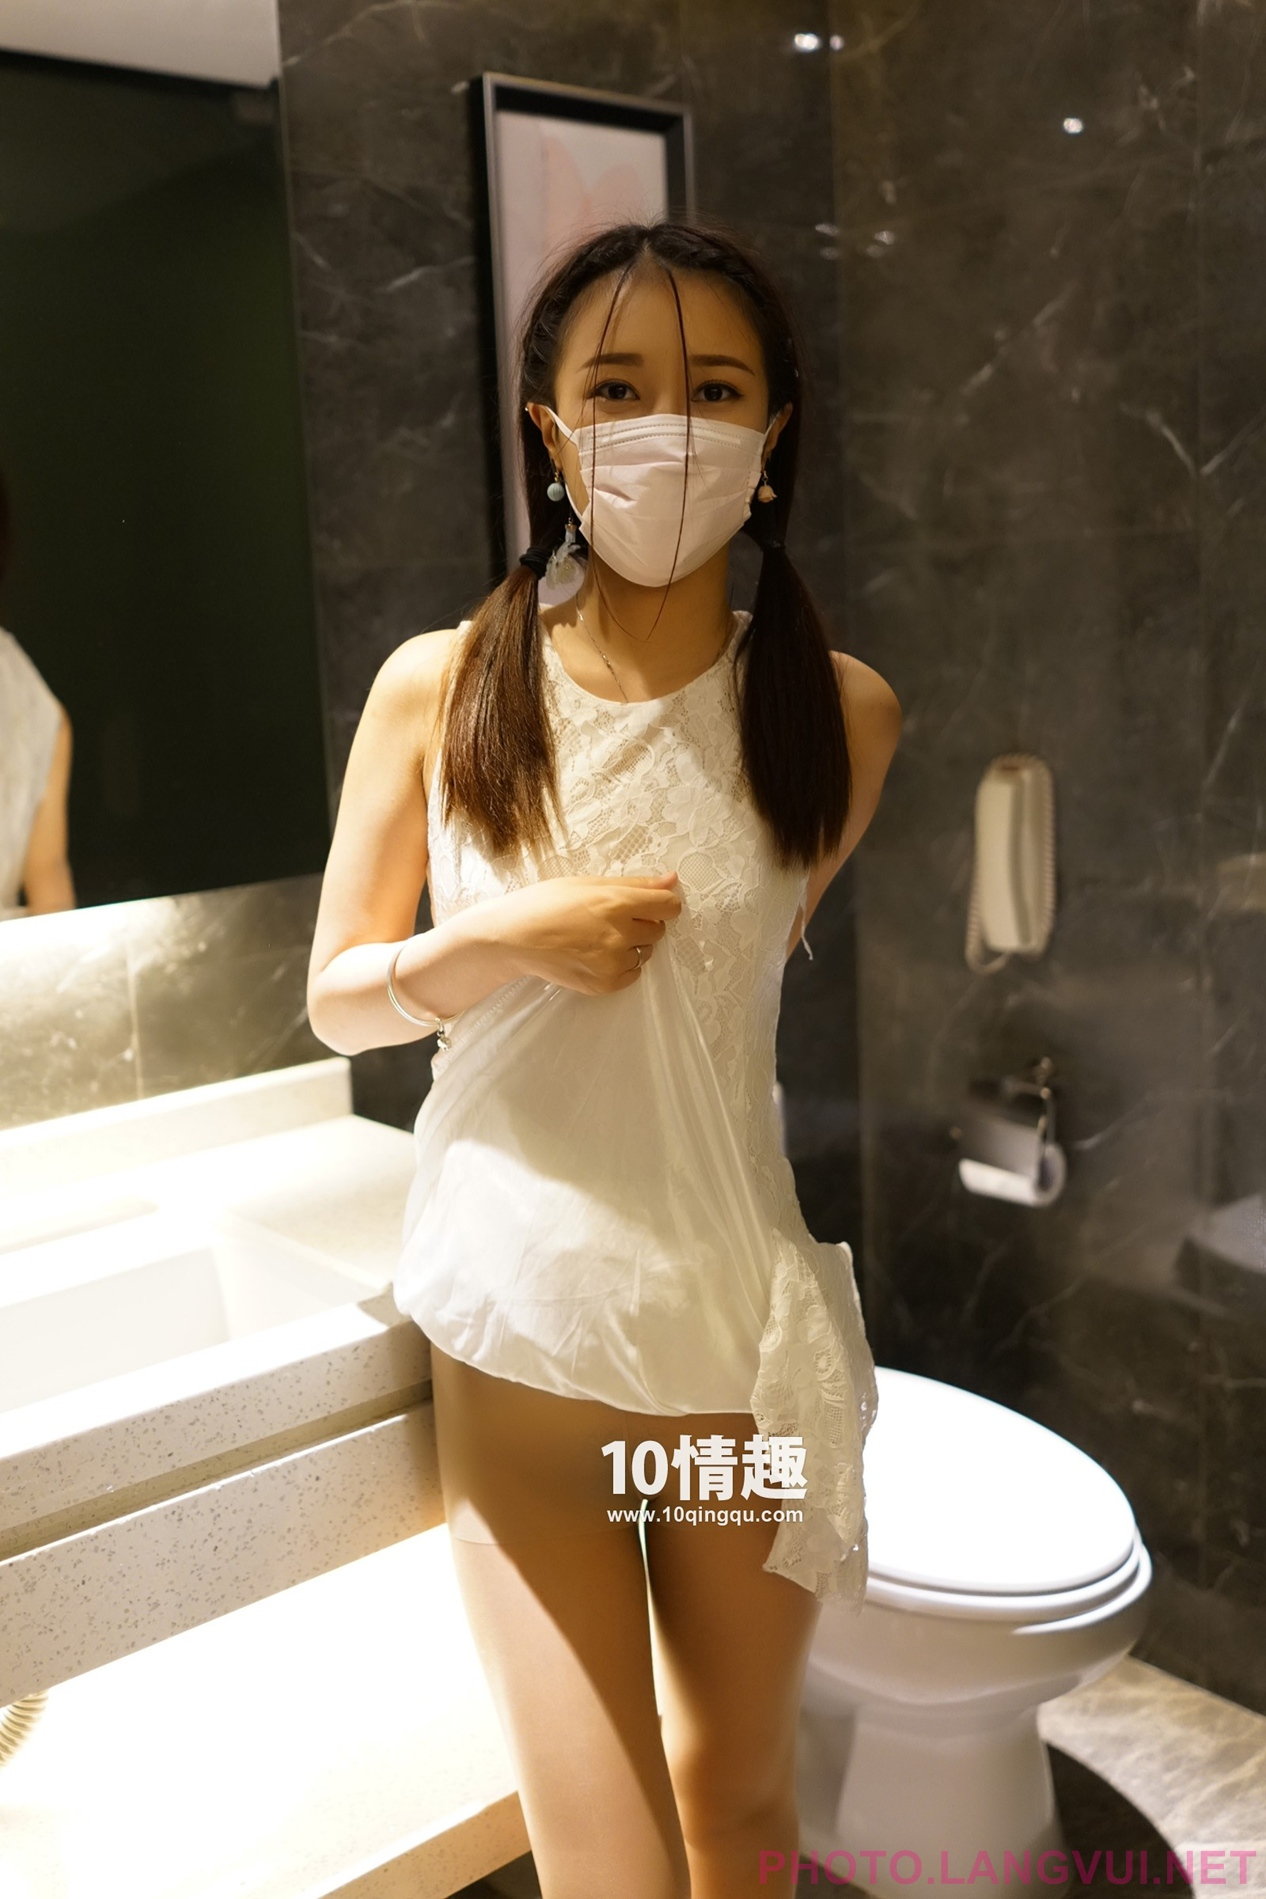 10QingQu No 395